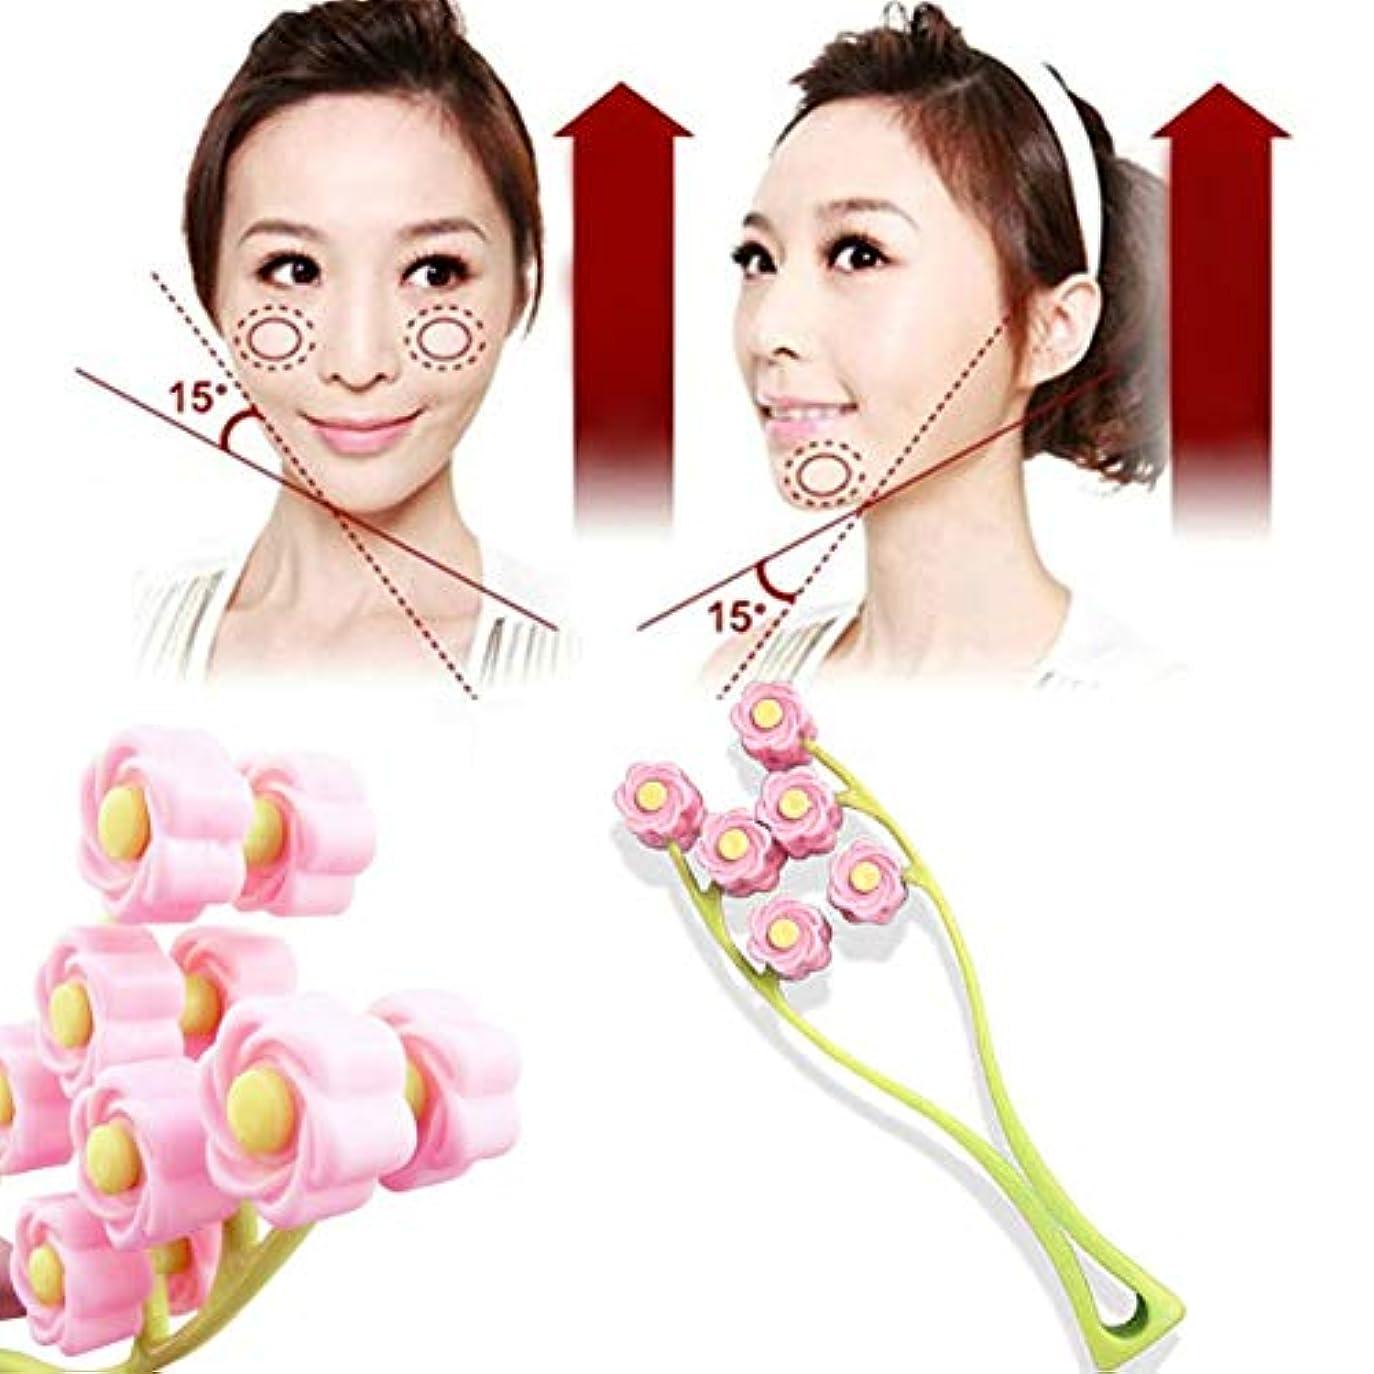 管理します慰め断言するElegant Flower Shape Portable Facial Massager Roller Anti-Wrinkle Face Lifter Slimming Face Shaper Relaxation...